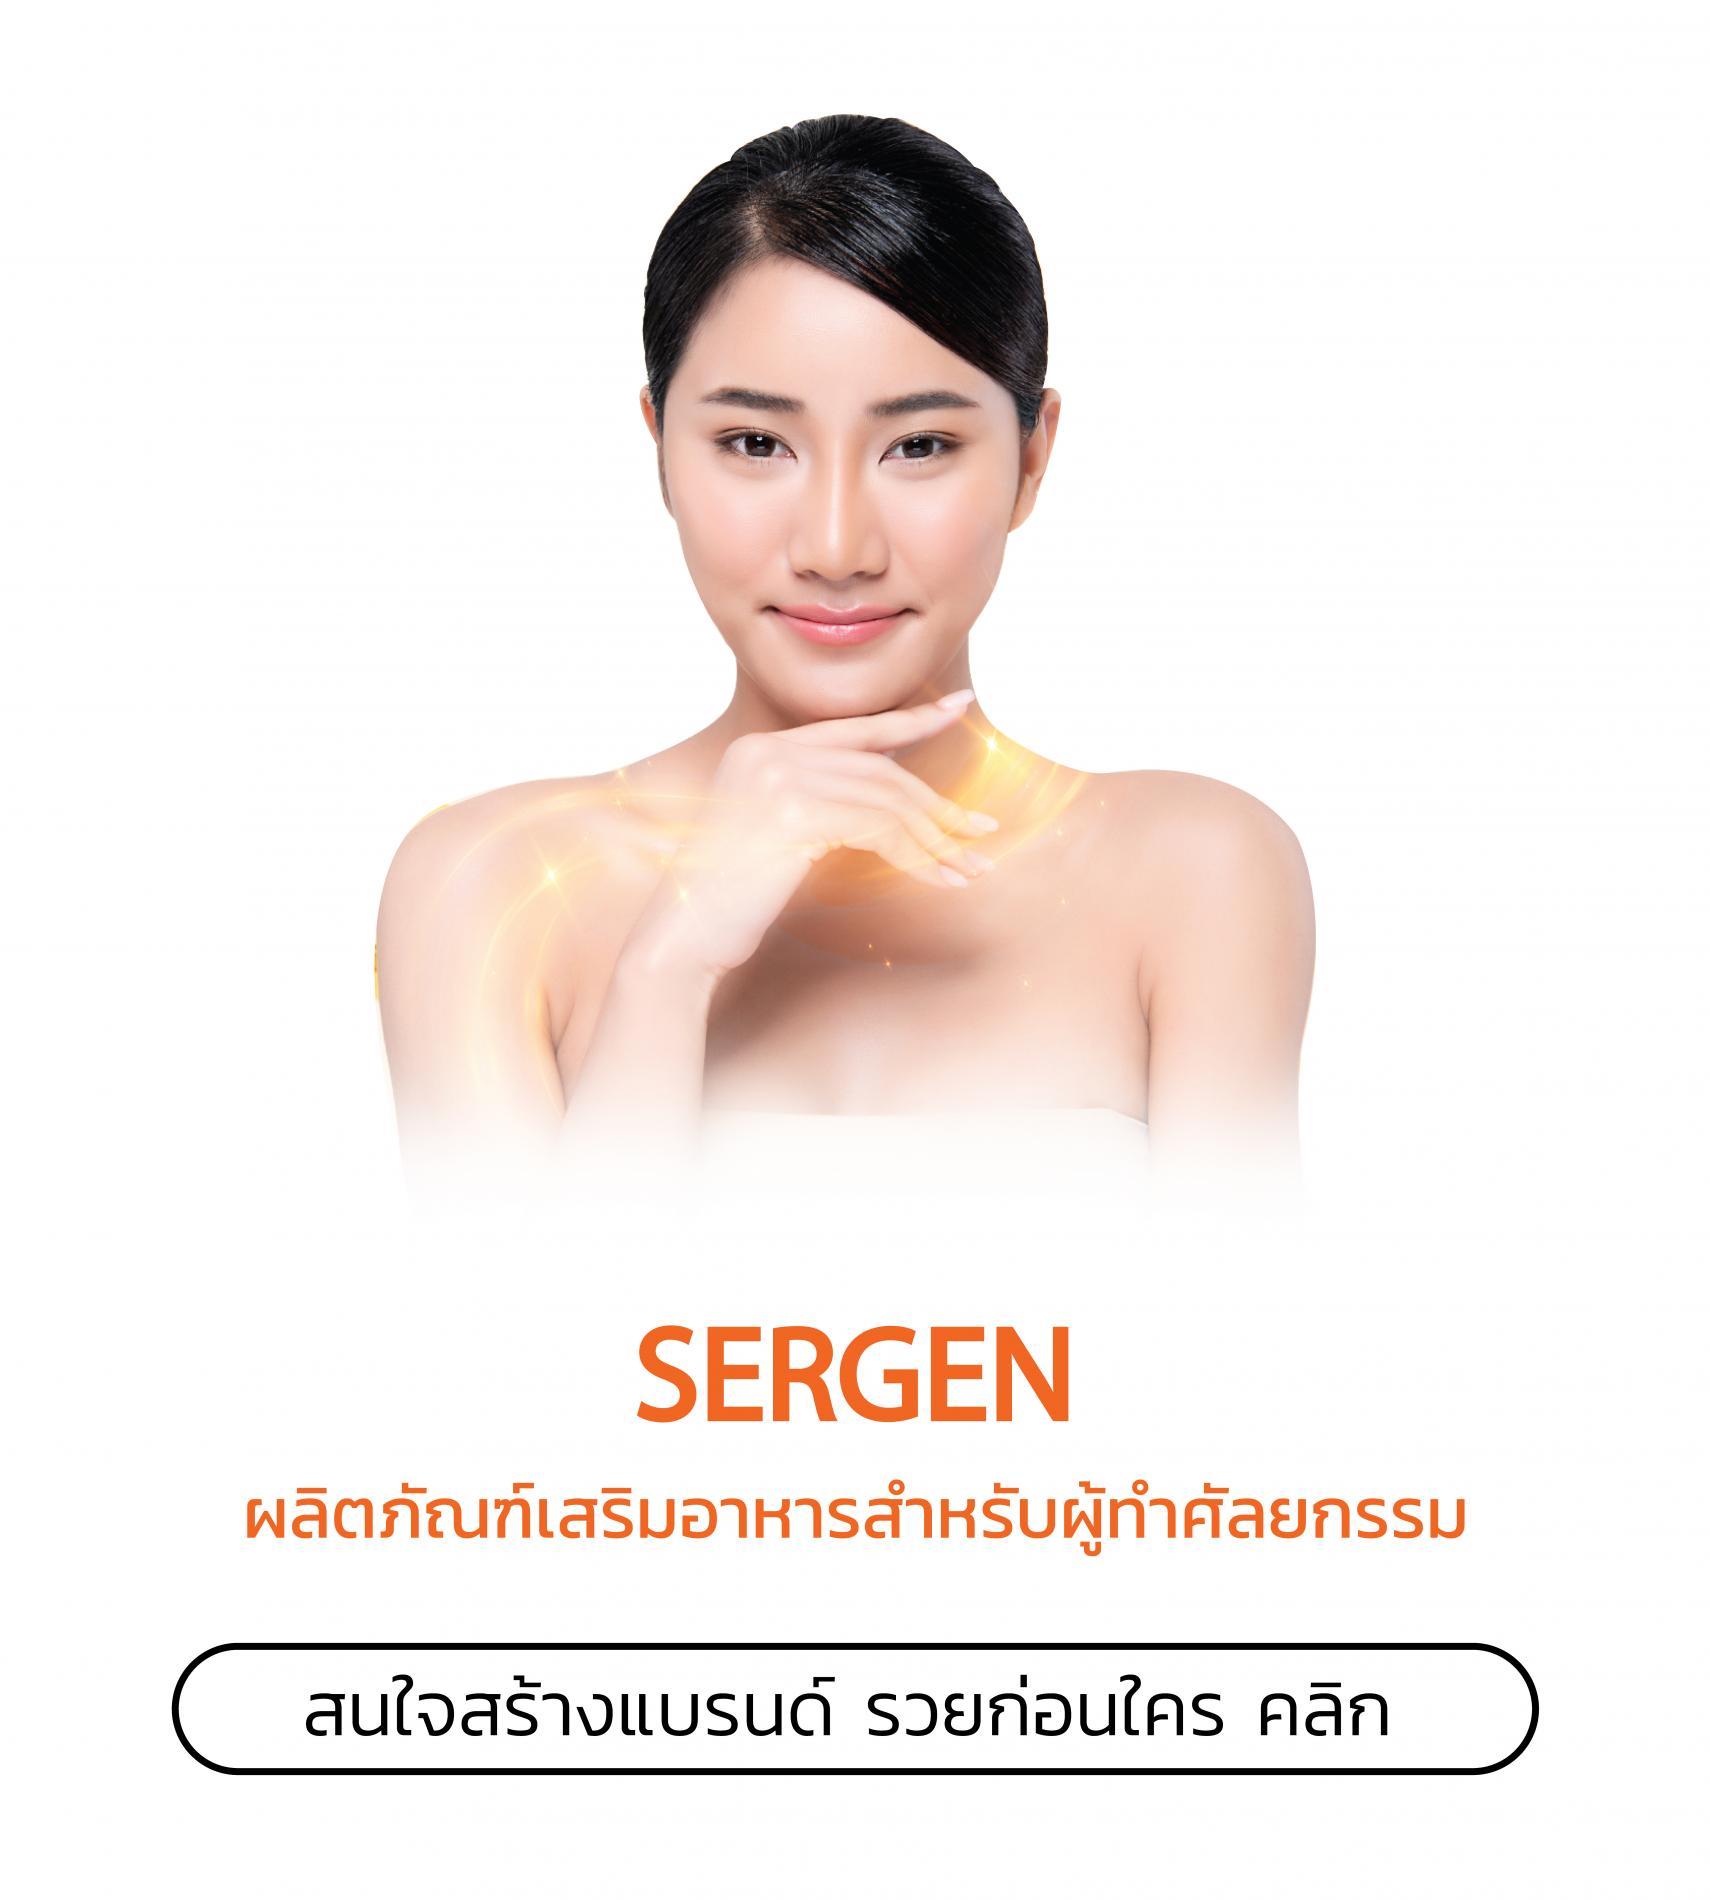 สร้างแบรนด์อาหารเสริม Sergen สำหรับผู้ศัลยกรรม รวยก่อนใคร